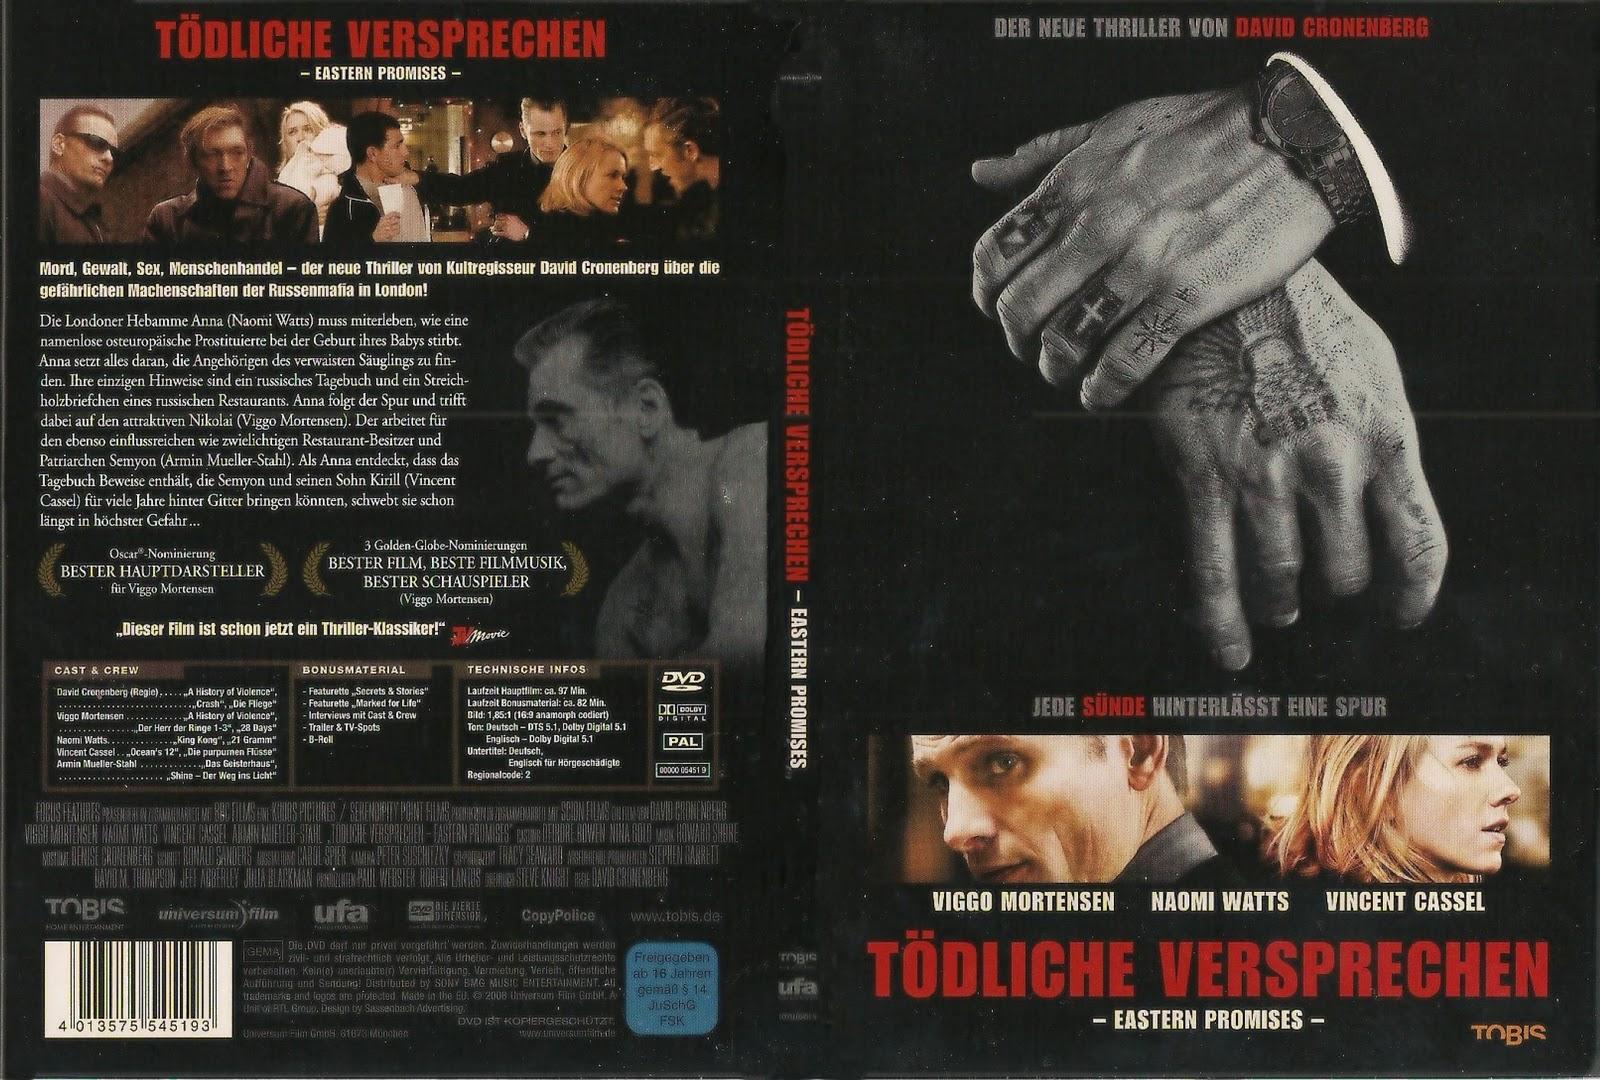 http://1.bp.blogspot.com/_7mF4i6JVUDI/TCclKpOpgaI/AAAAAAAAT8A/VfRW4trhUCs/s1600/Toedliche+Versprechen+-+Cover.jpg